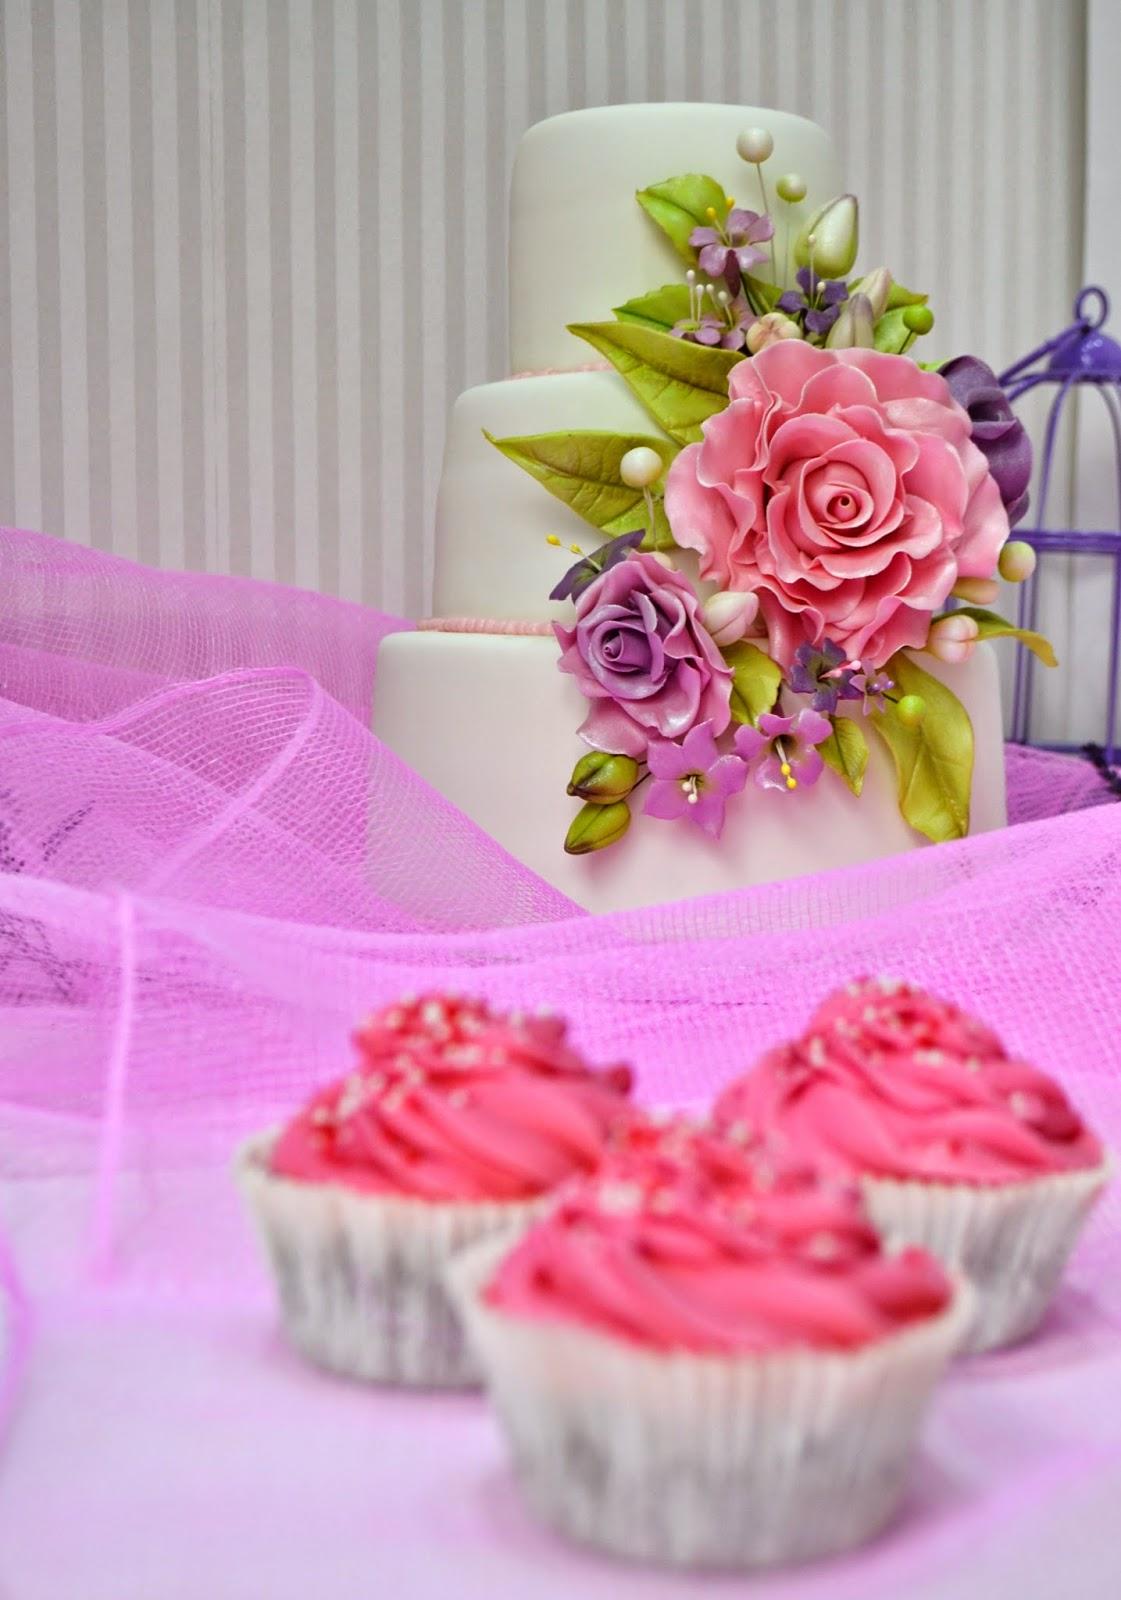 tarta de Bodas flores pisos pasta de goma flores de azucar cordinado cupcakes elegante fina